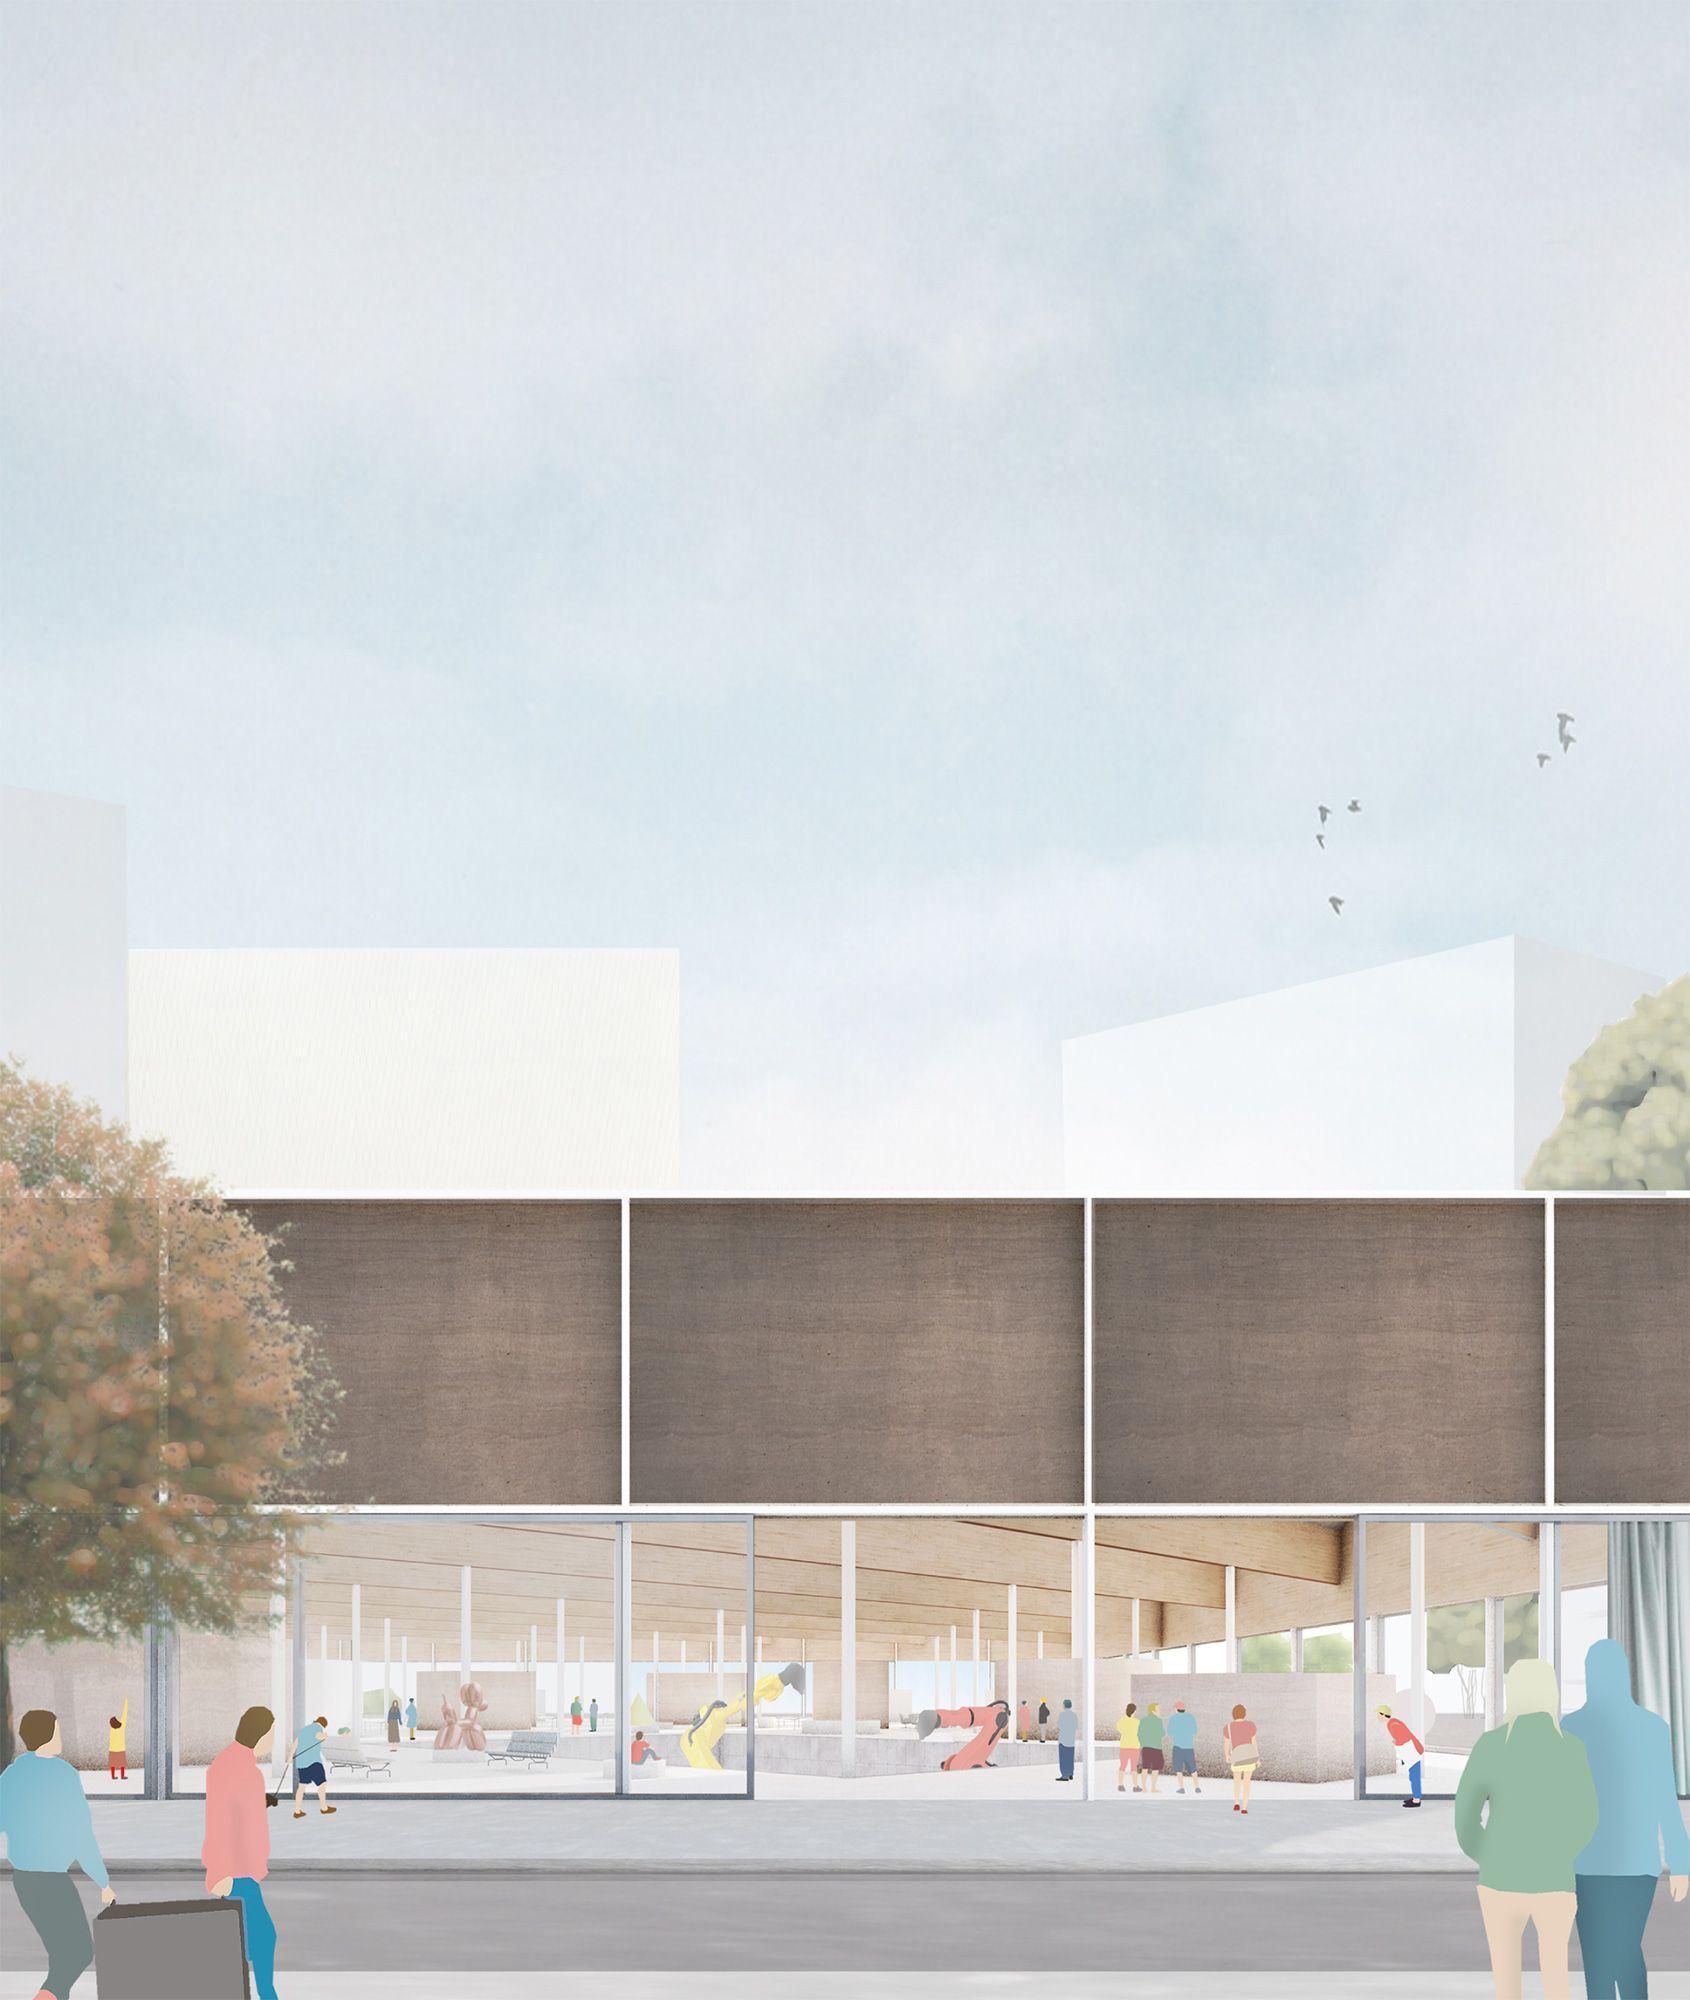 Ciabatti . Asenova . Urban Factory (1) Architecture